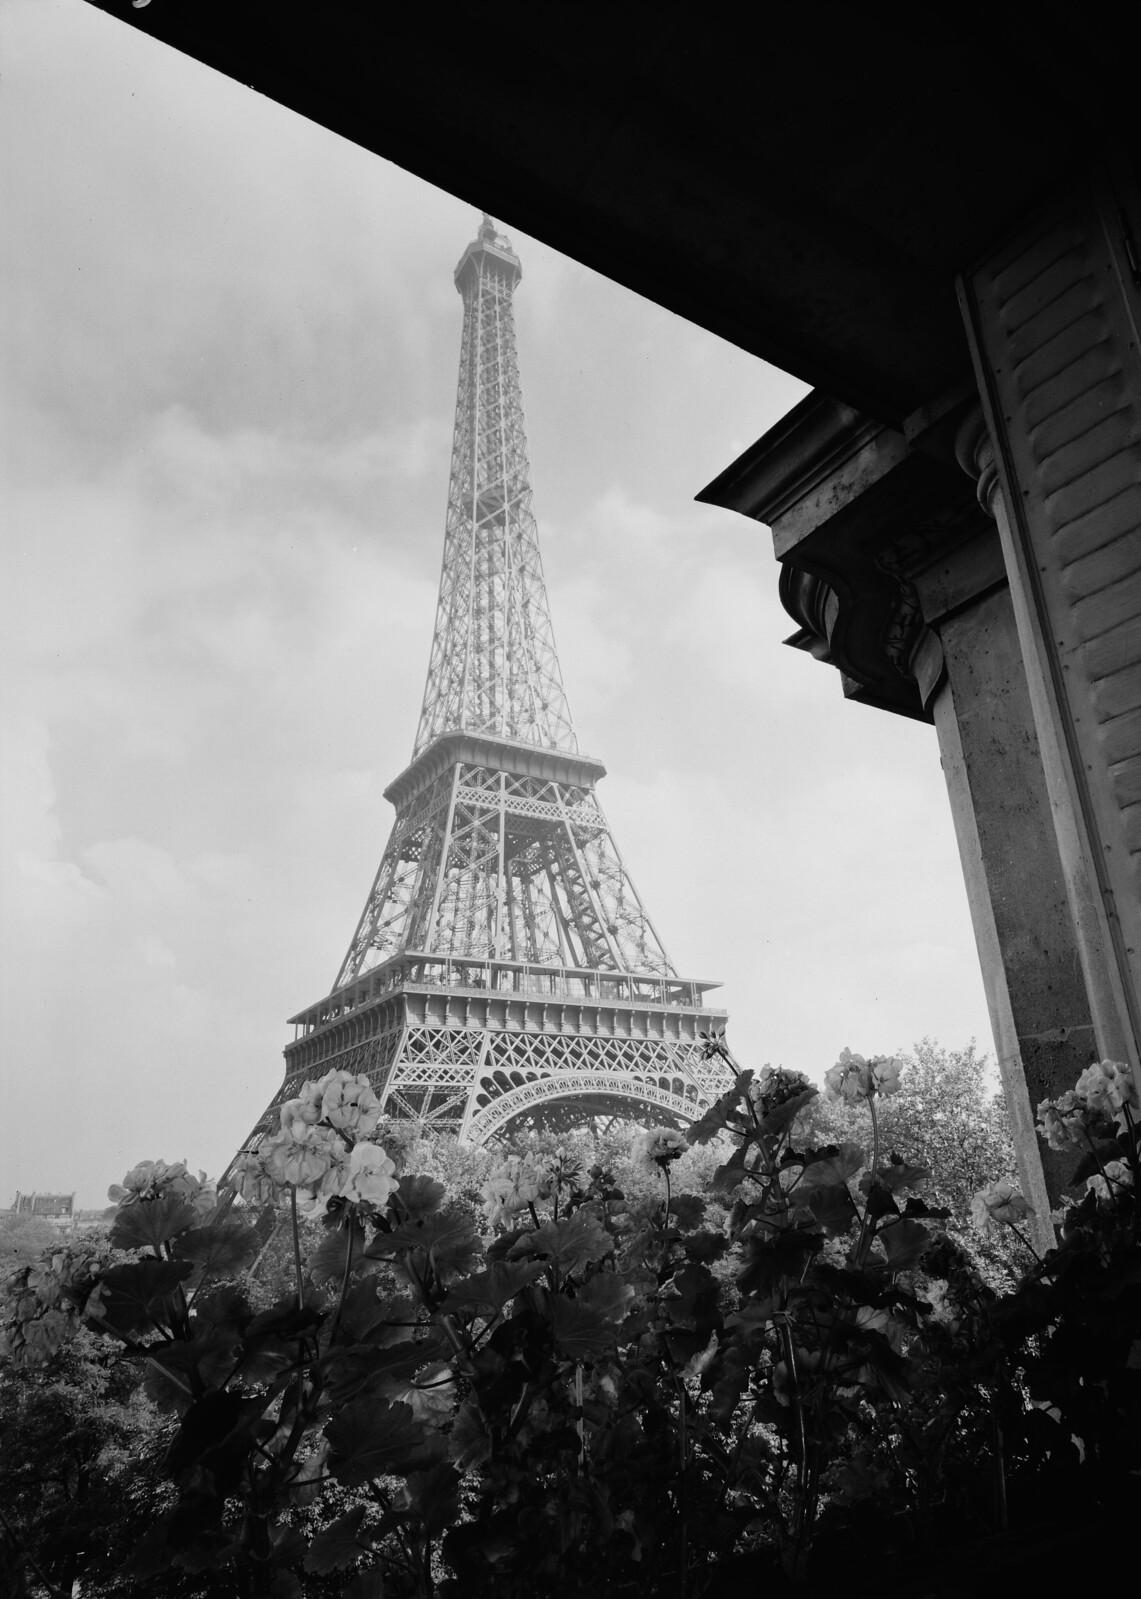 01. Эйфелева башня. Вид из окна Анни Дюко, актрисы знаменитого парижского театра «Comédie-Française»